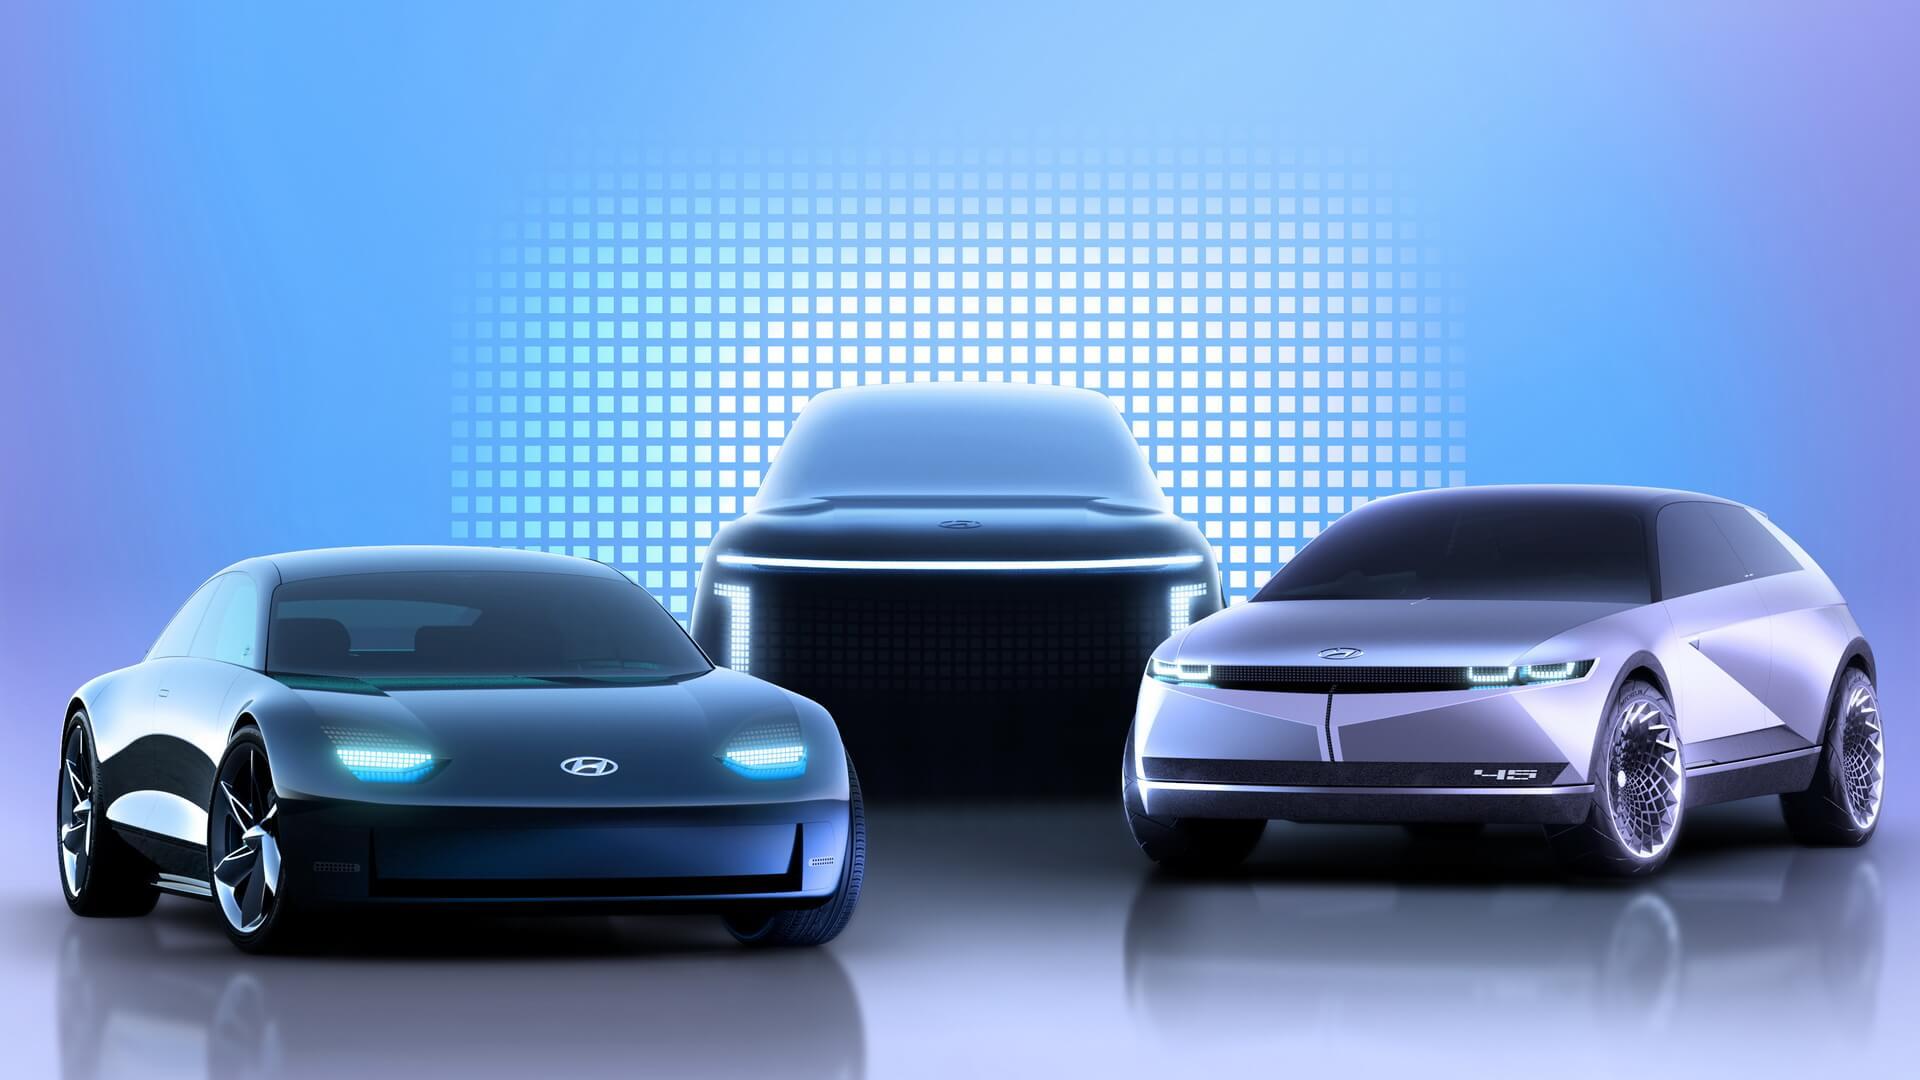 Під брендом IONIQ у найближчі чотири роки Hyundai Motor планує представити три нові моделі електрокарів